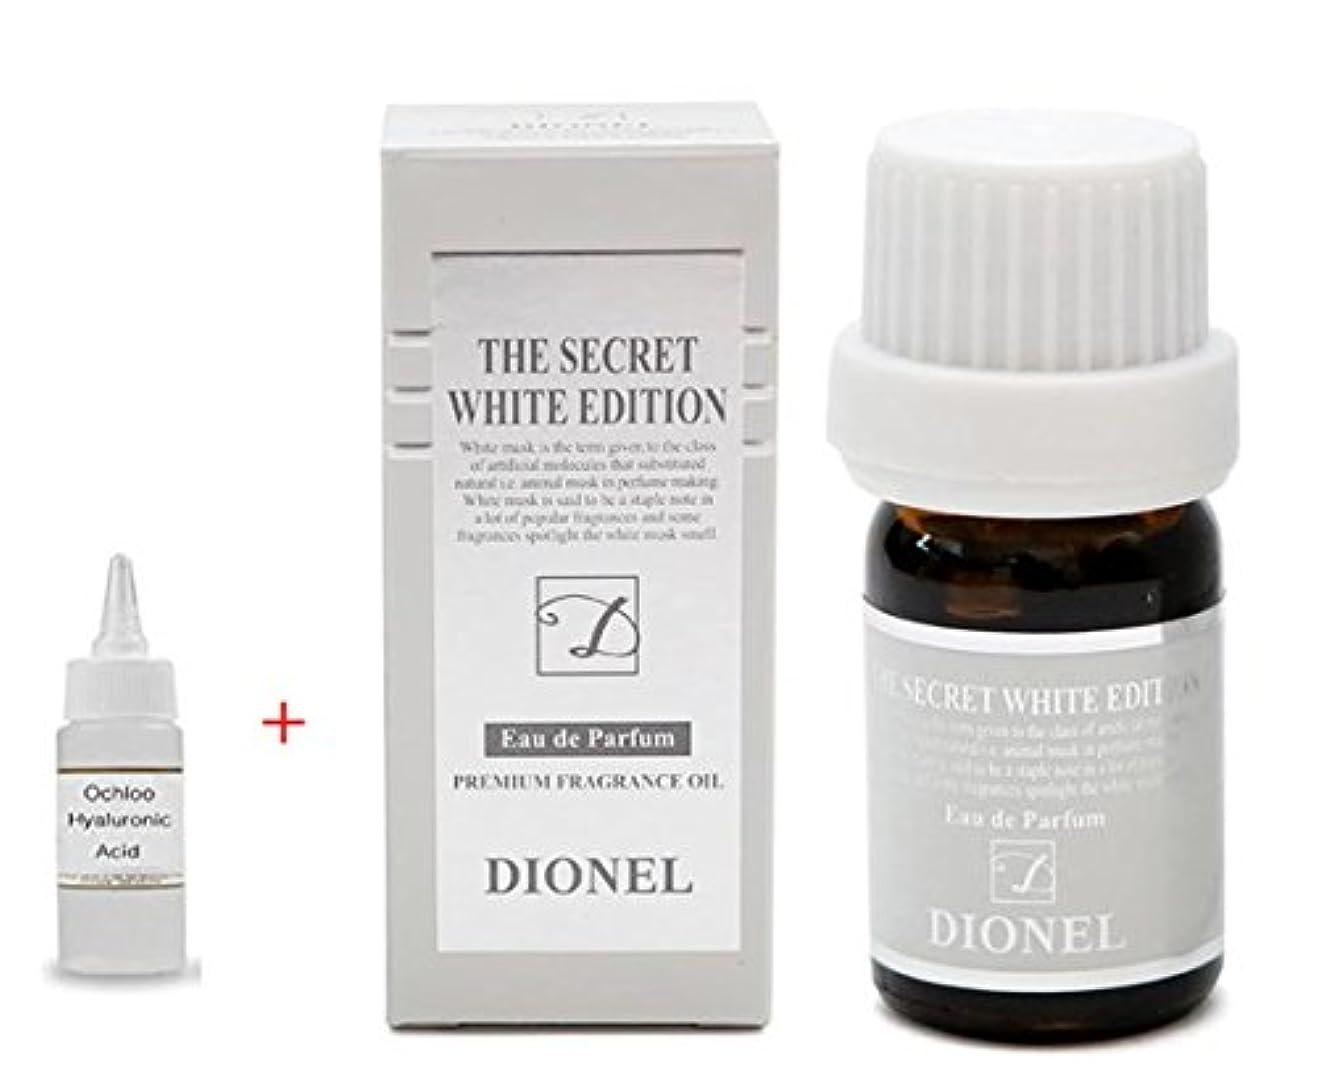 うるさい突破口充電[Dionel] 香水のような女性清潔剤、プレミアムアロマエッセンス Love Secret White Edition Dionel 5ml. ラブブラックエディション、一滴の奇跡. Made in Korea + +...